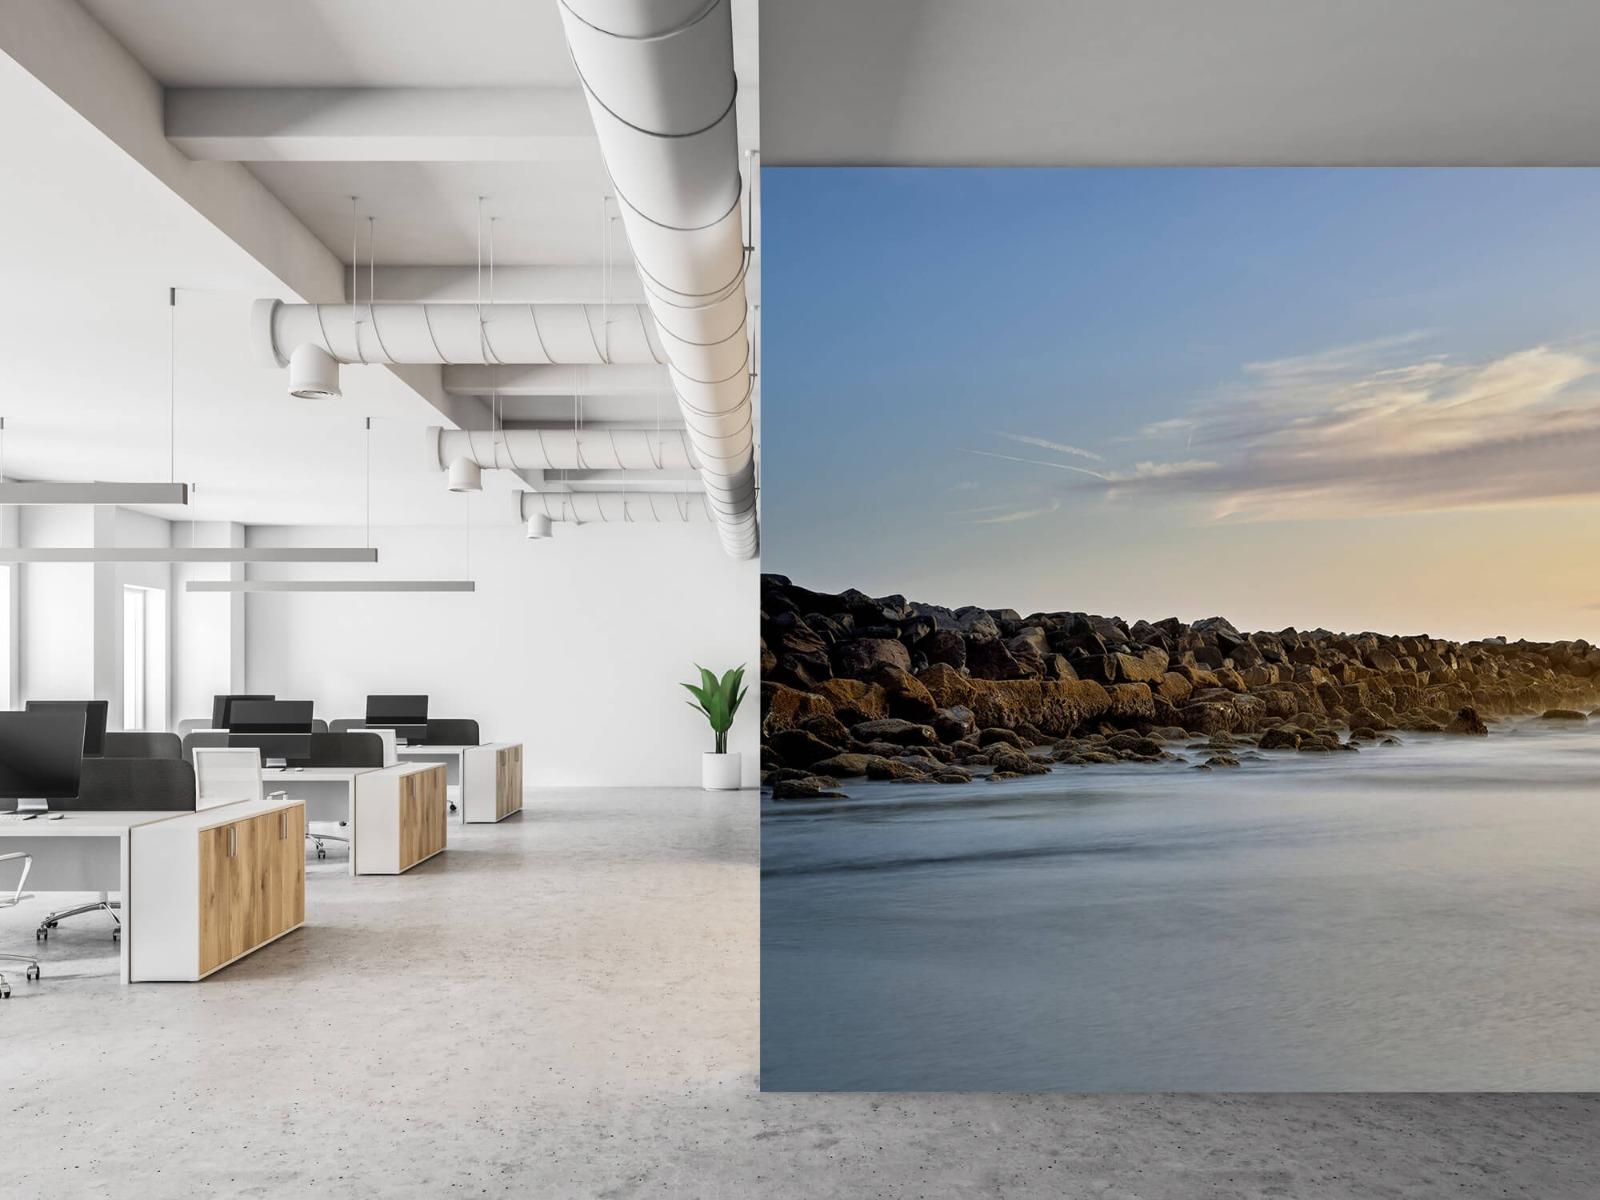 Landschap - Grote stenen aan het strand - Slaapkamer 21